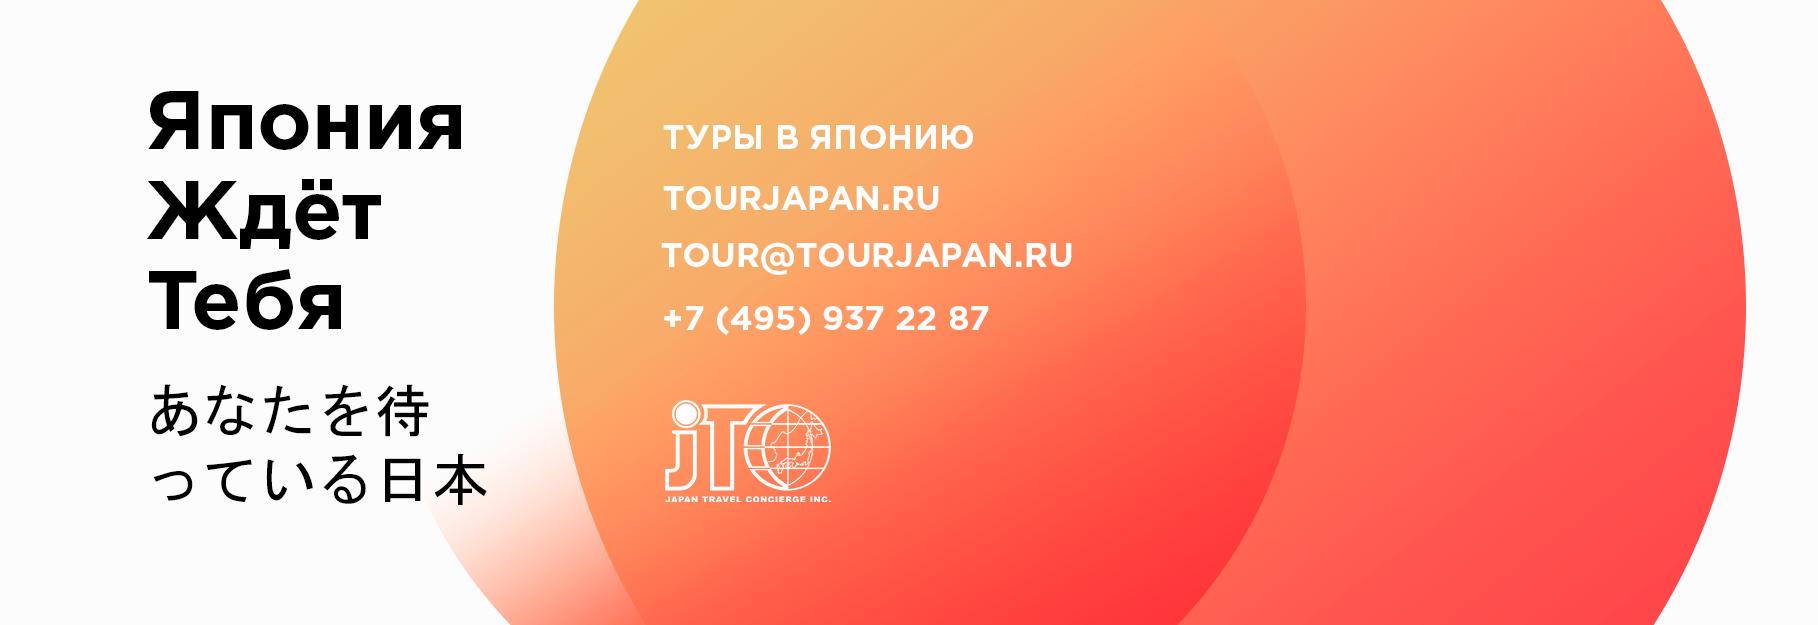 Обложки в соц. сети для тур. оператора по Японии фото f_36059ba5e46114b8.png